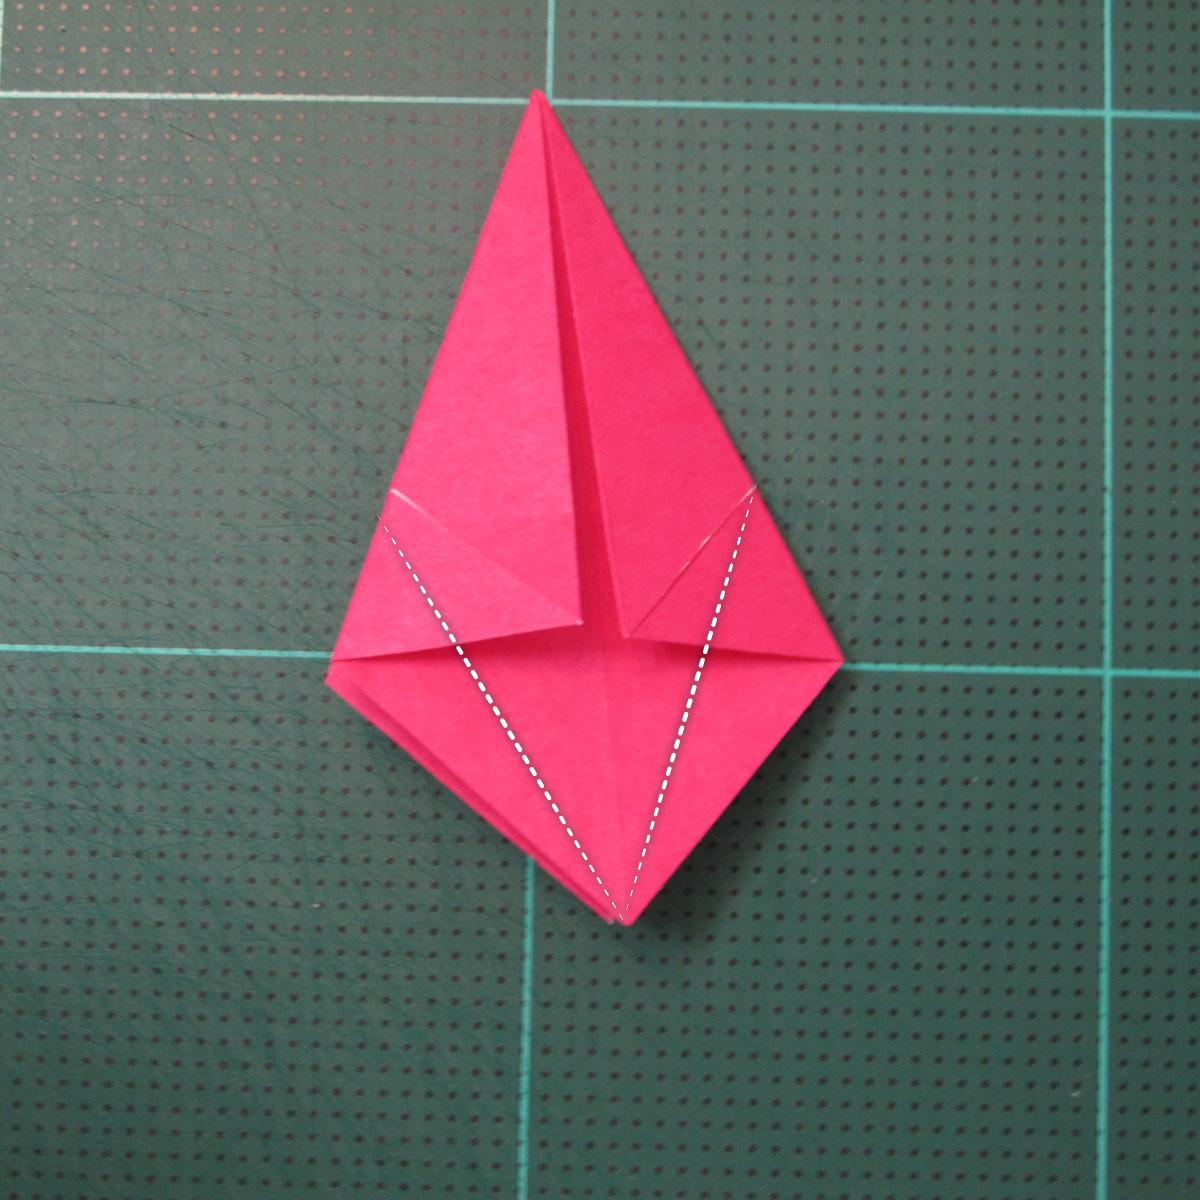 การพับกระดาษแบบโมดูล่าเป็นดาวสปาราซิส (Modular Origami Sparaxis Star) 007